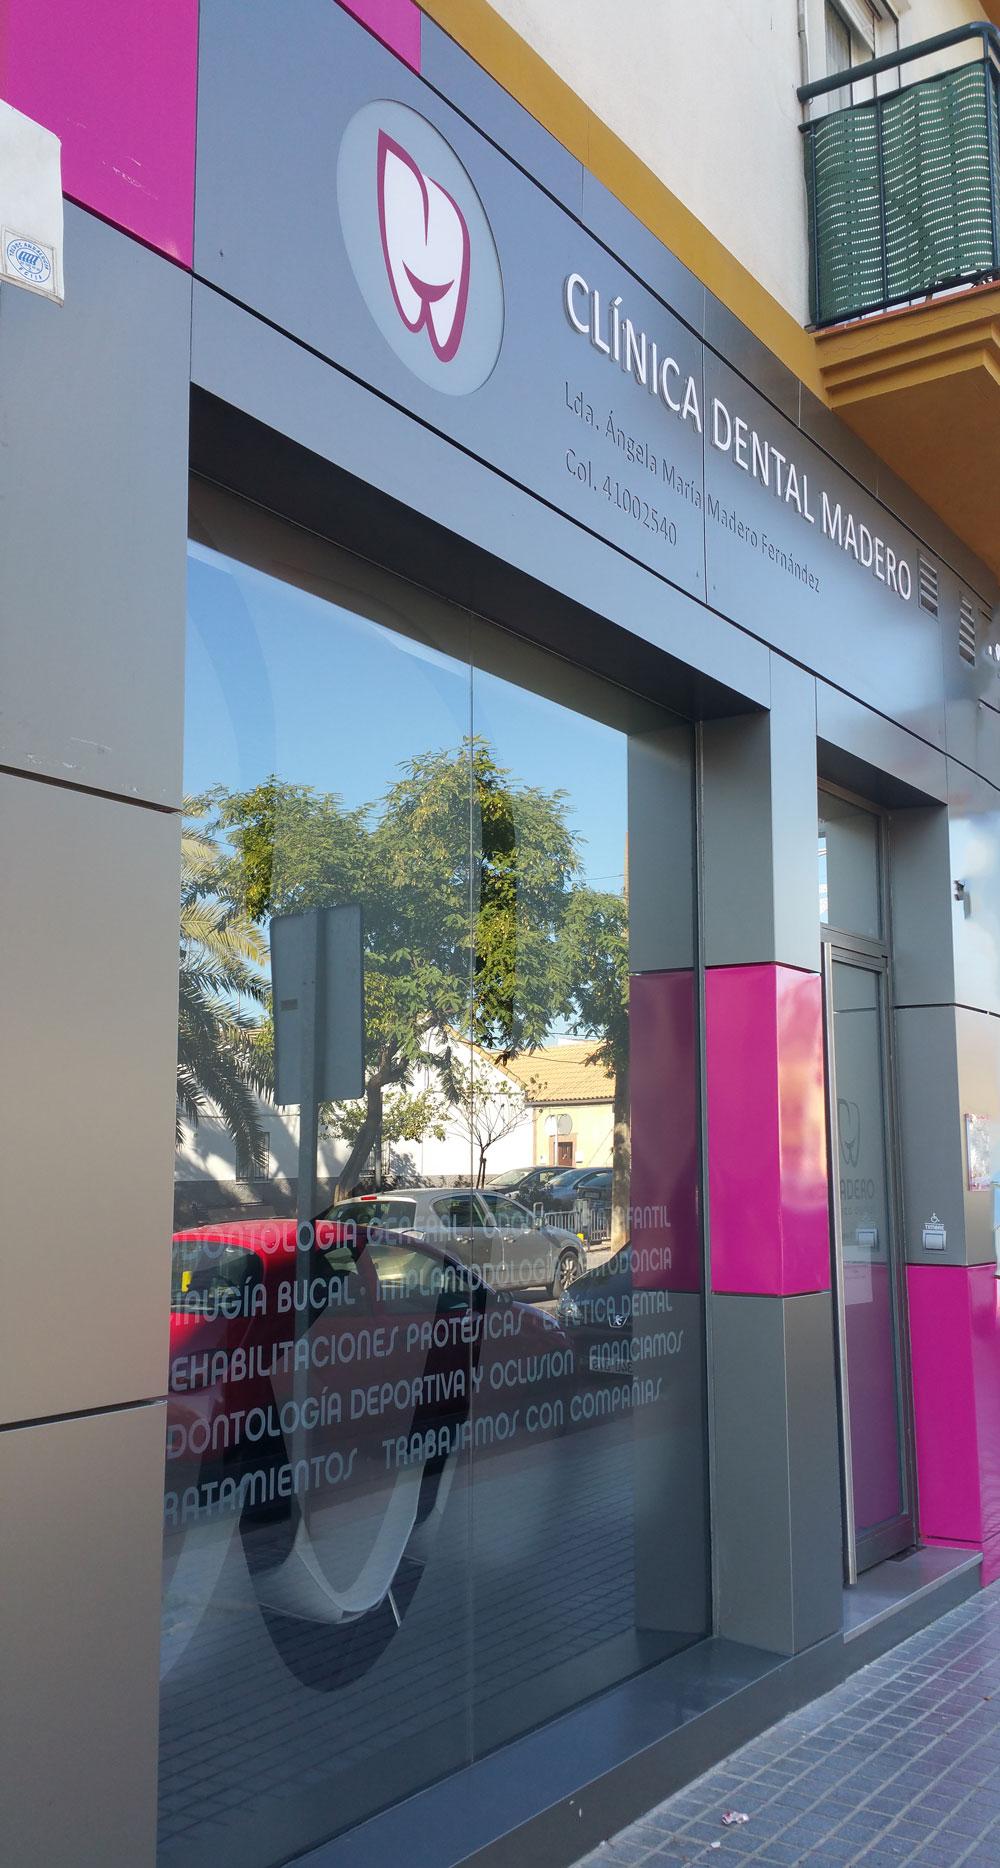 fachada-dentista-ecija2.jpg